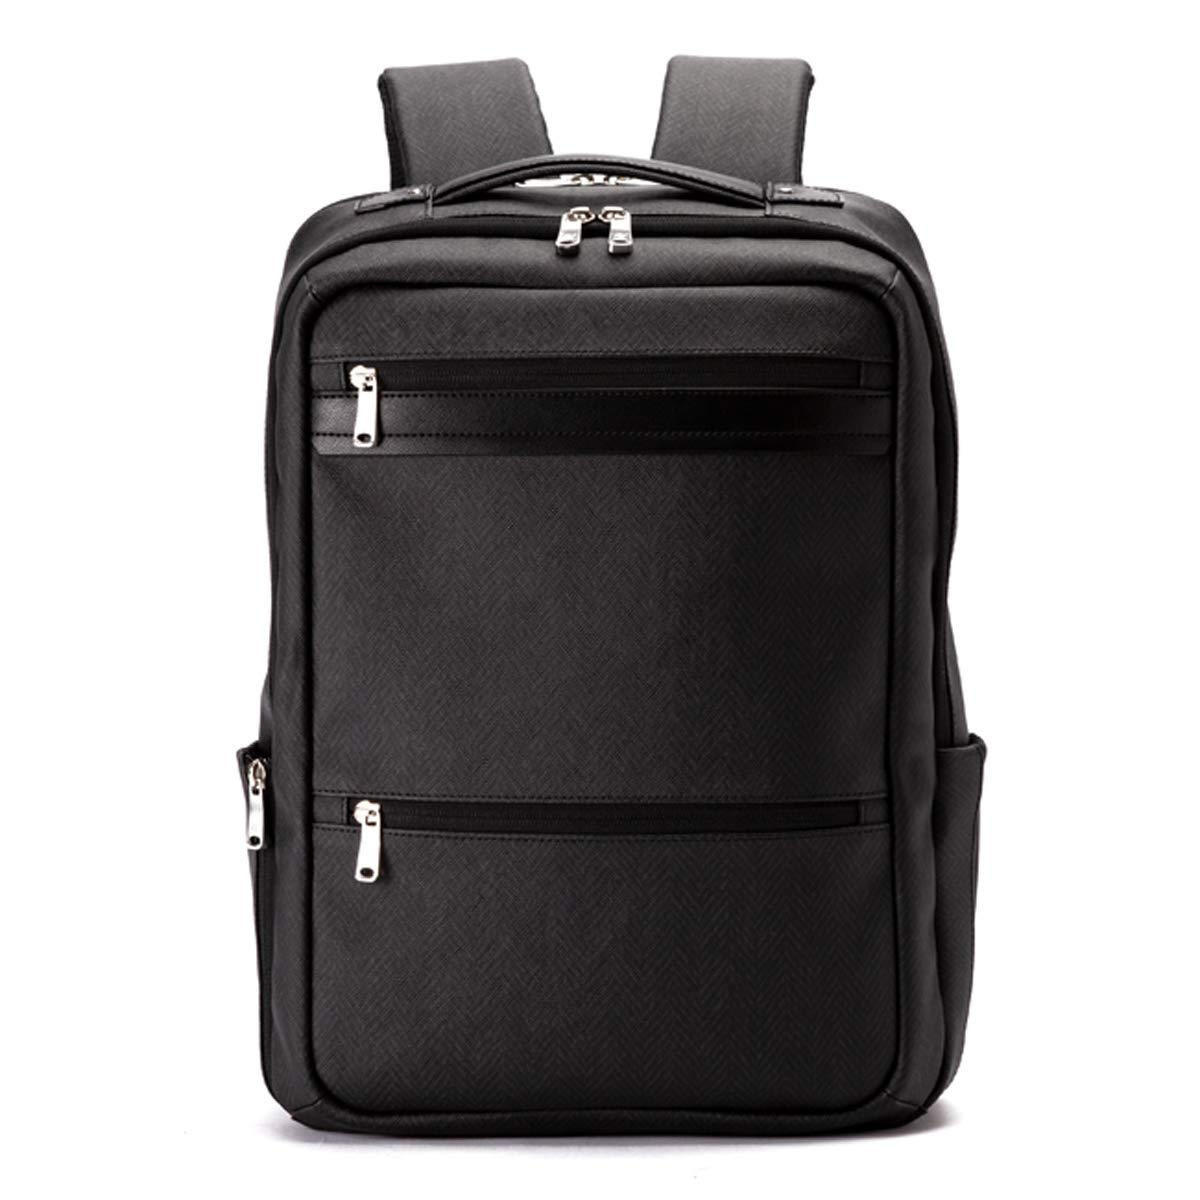 [RAIZON(レゾン)] ビジネス リュック メンズ PCバッグ 防水 ヘリンボン柄  ブラック B07NW8VR2H